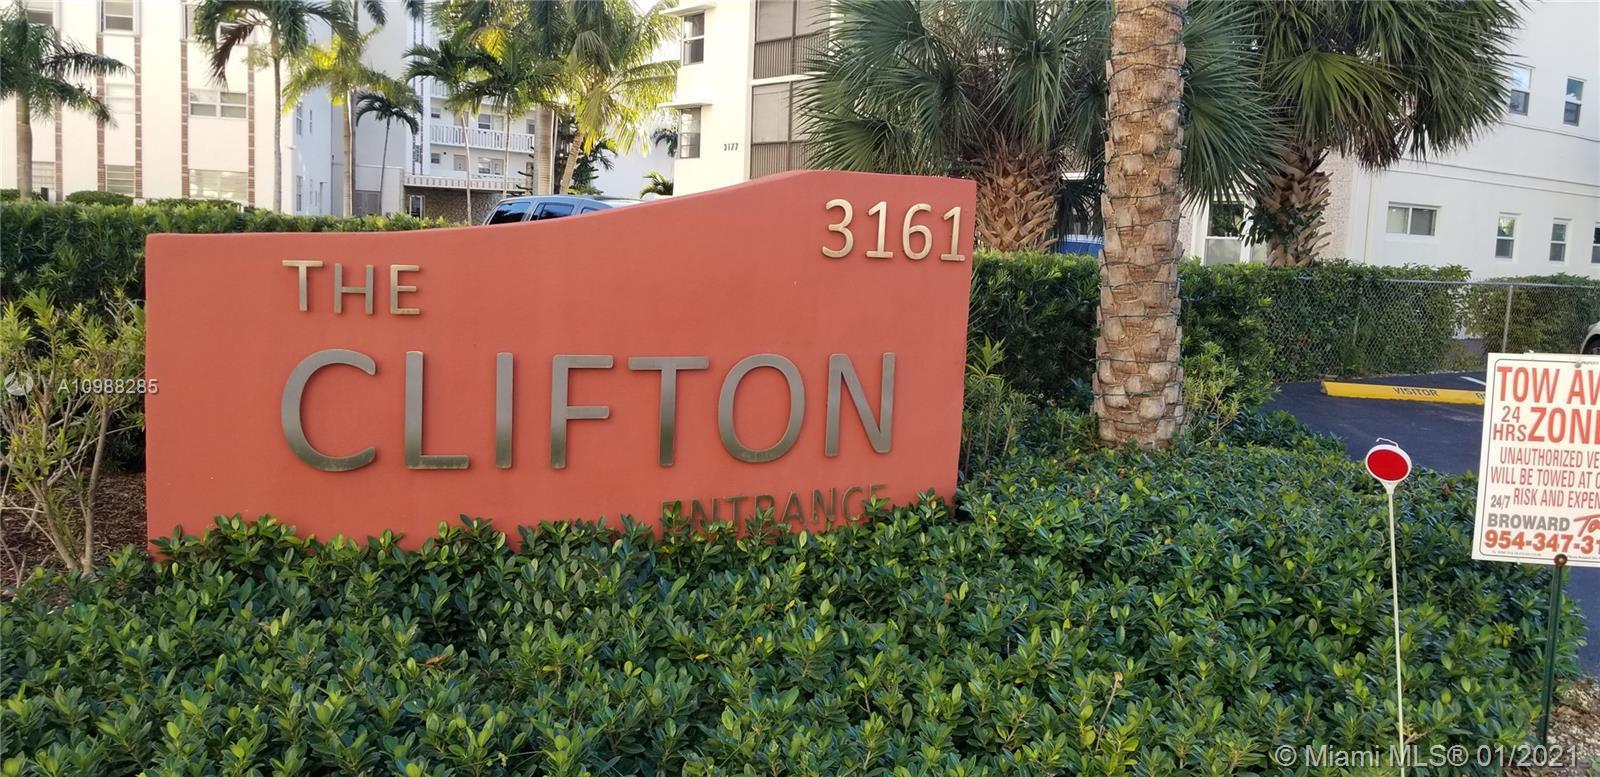 Clifton - condos for sale